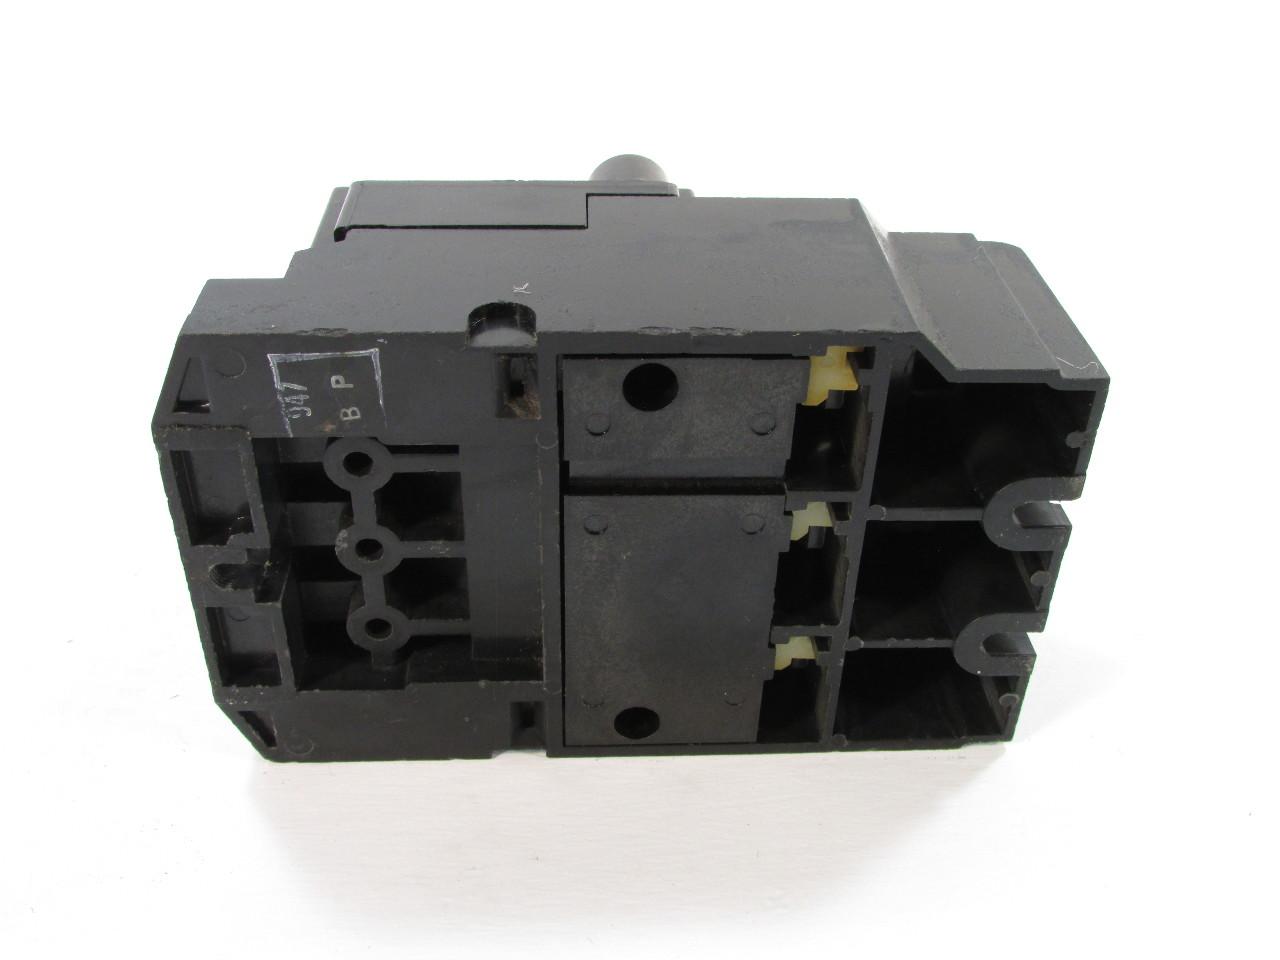 Square D 2510 Mb0 2 Push Button Manual Motor Starter